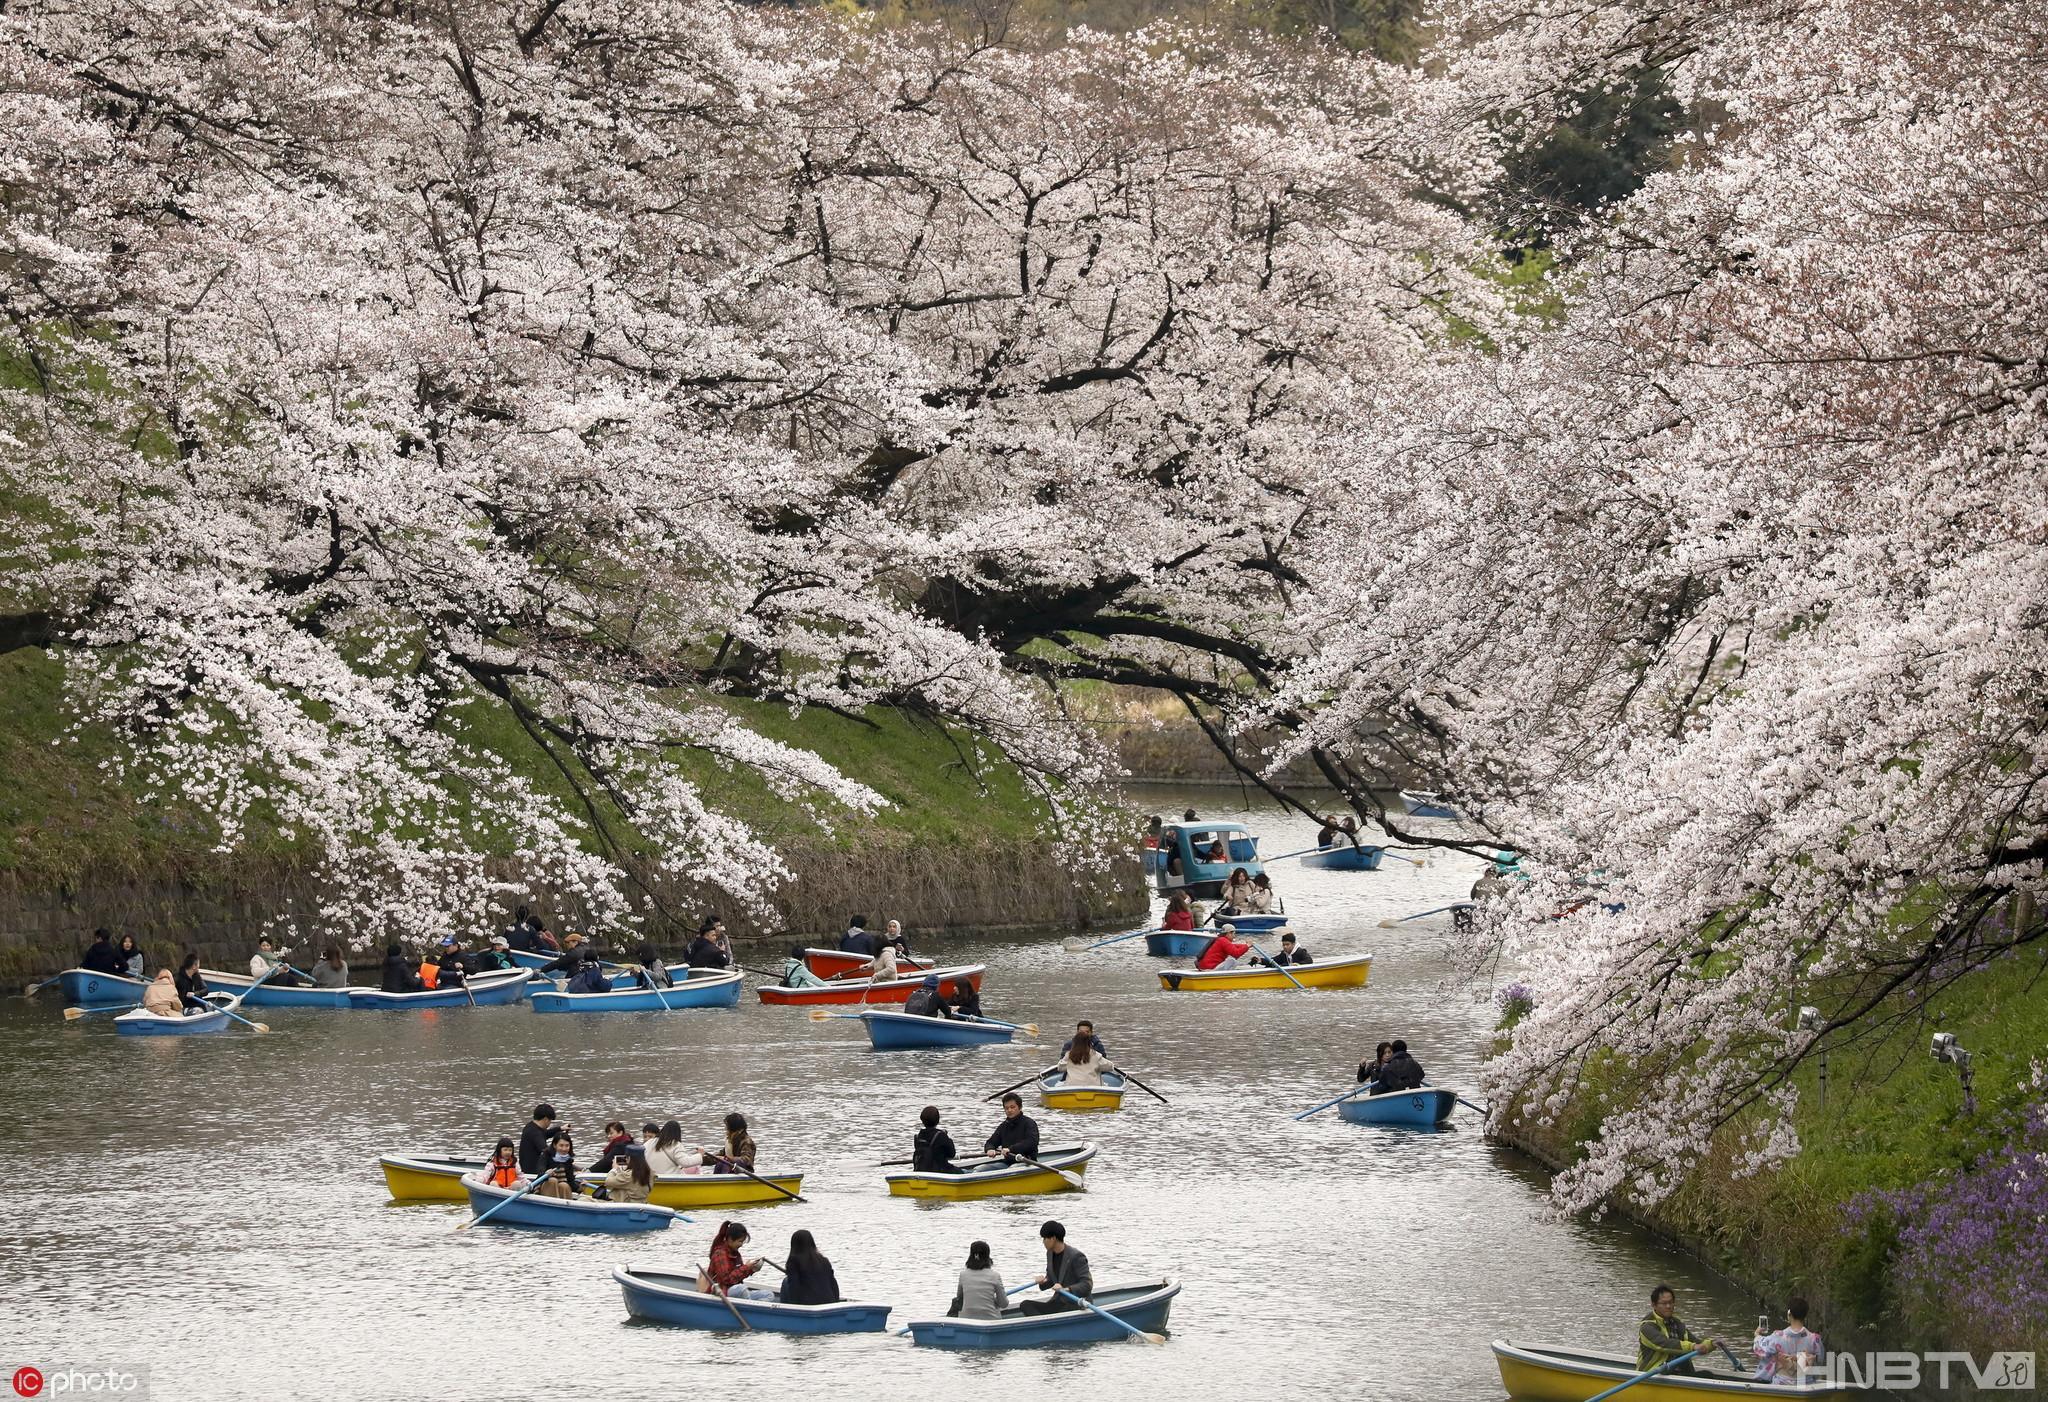 日本东京樱花繁盛 游人护城河上泛舟赏樱超浪漫